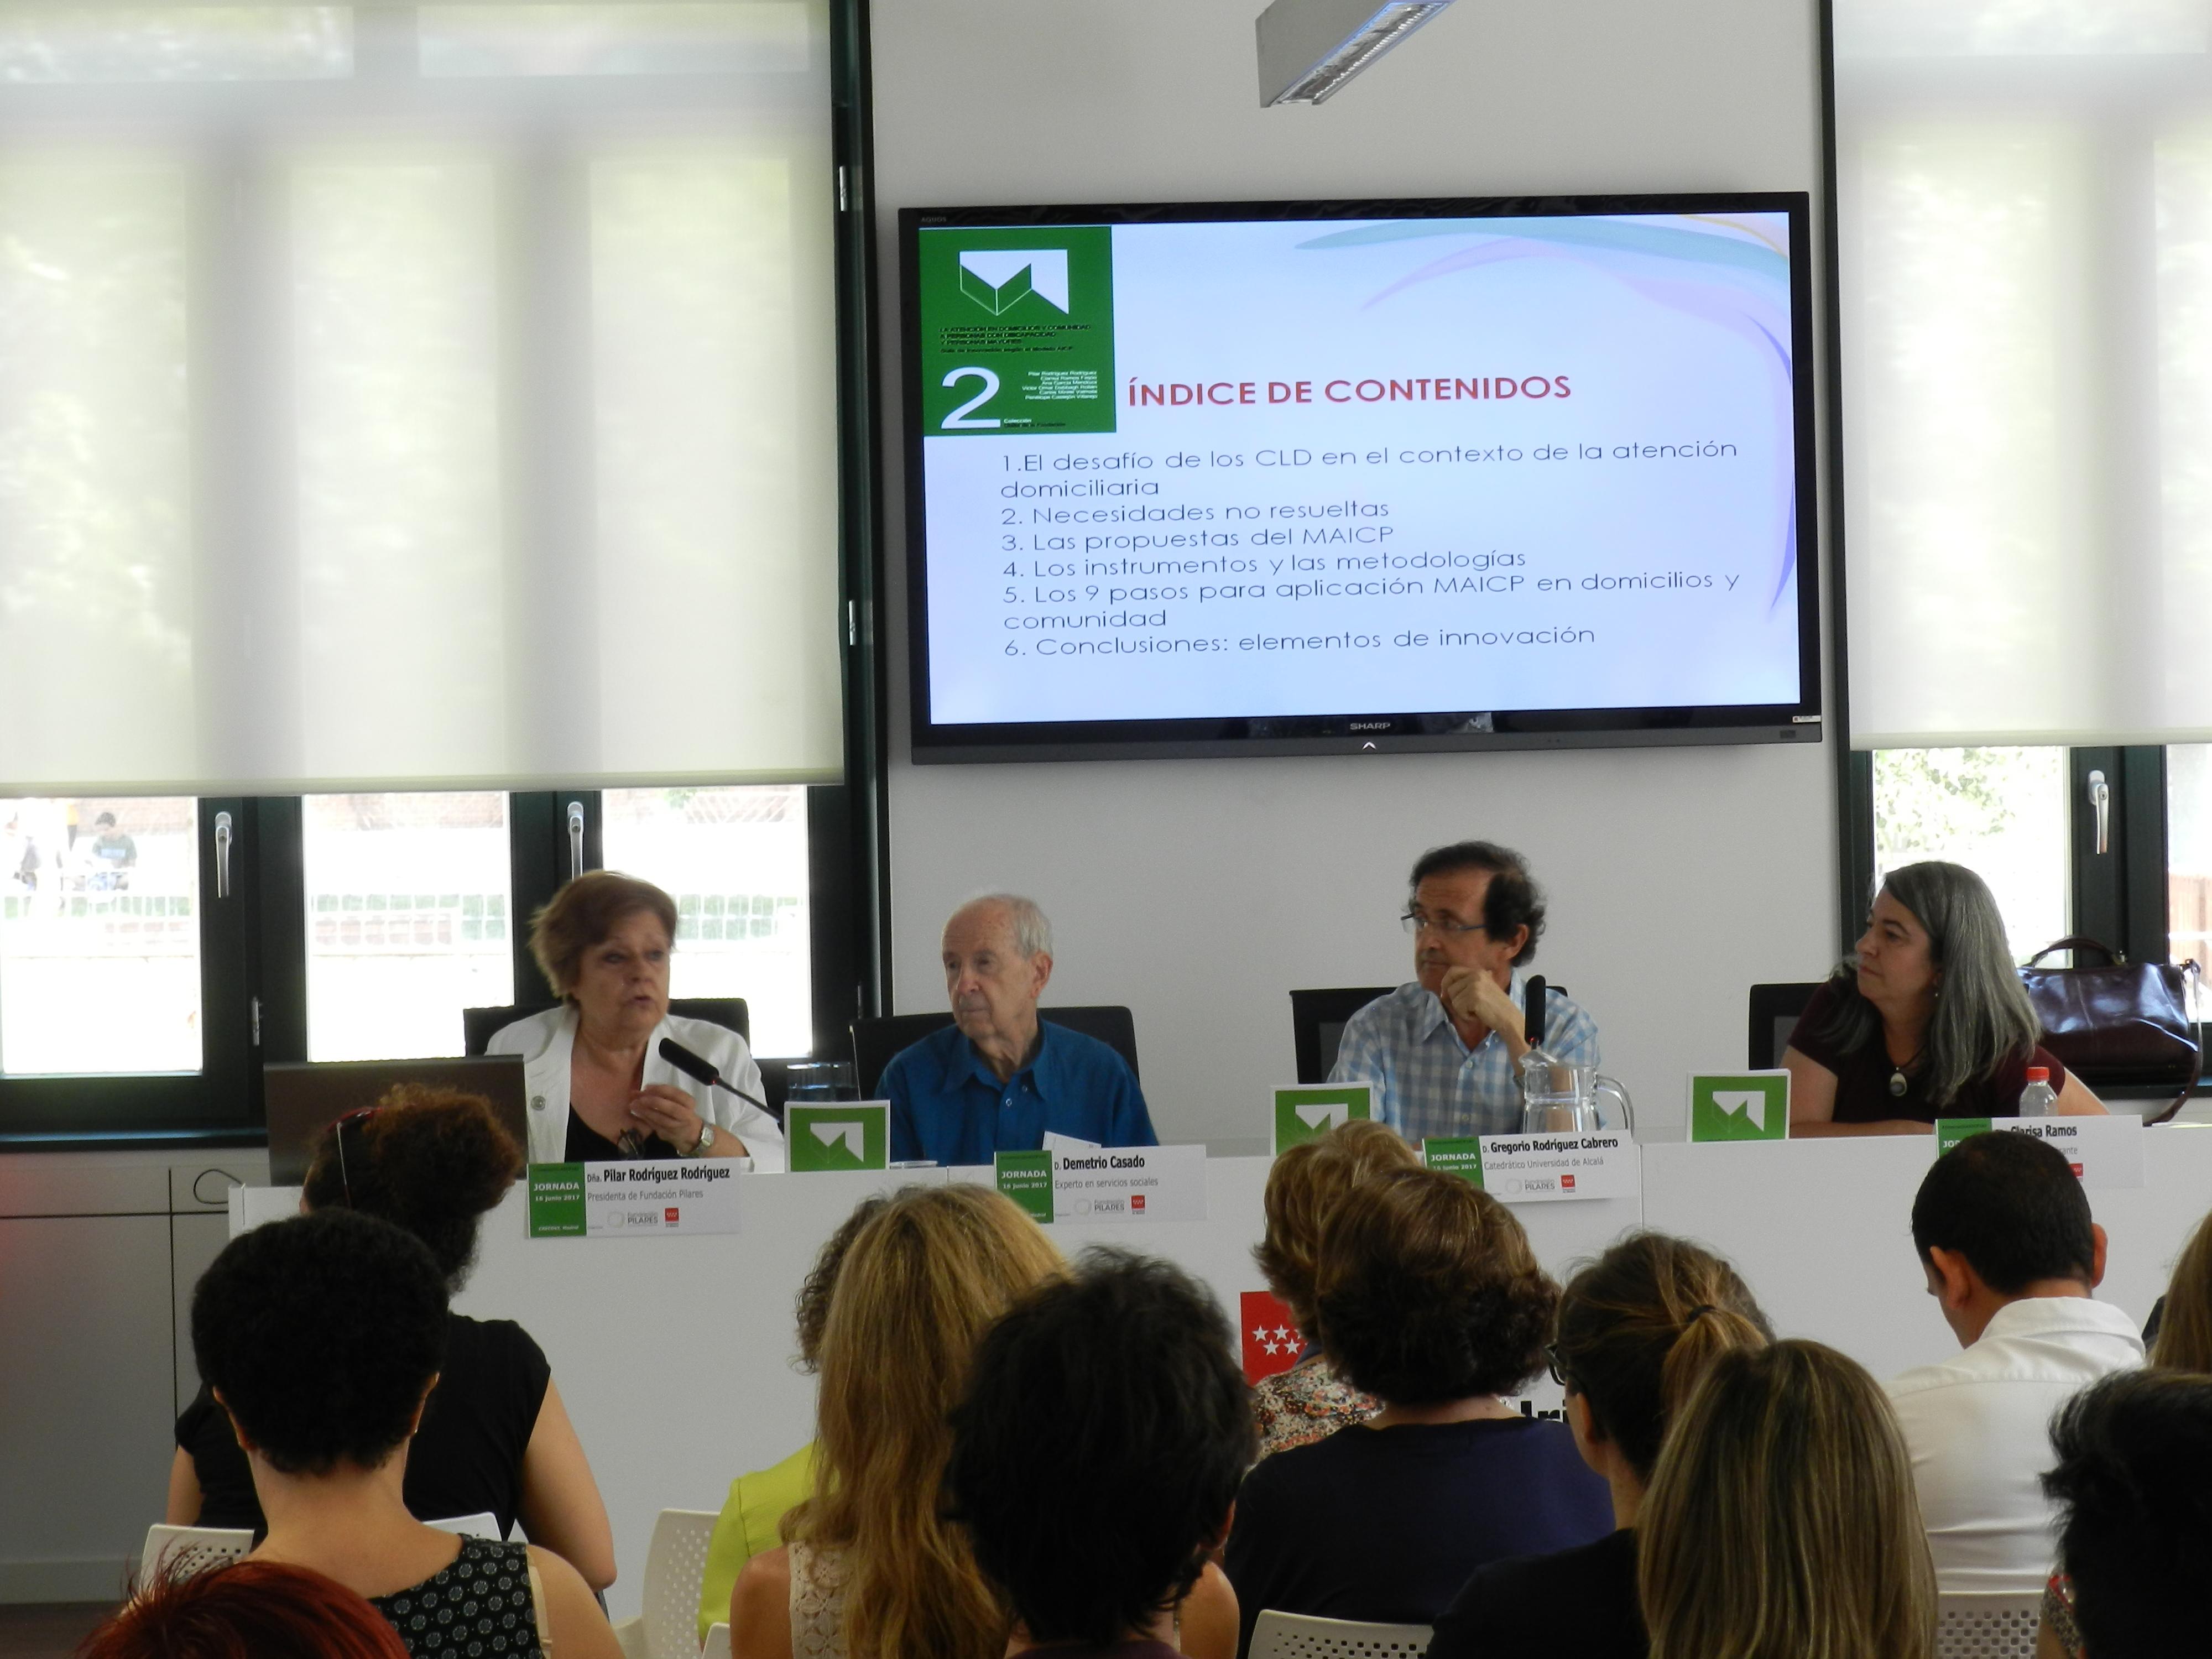 Pilar Rodríguez, Demetrio Casado, Gregorio Rodríguez Cabrero y Clarisa Ramos